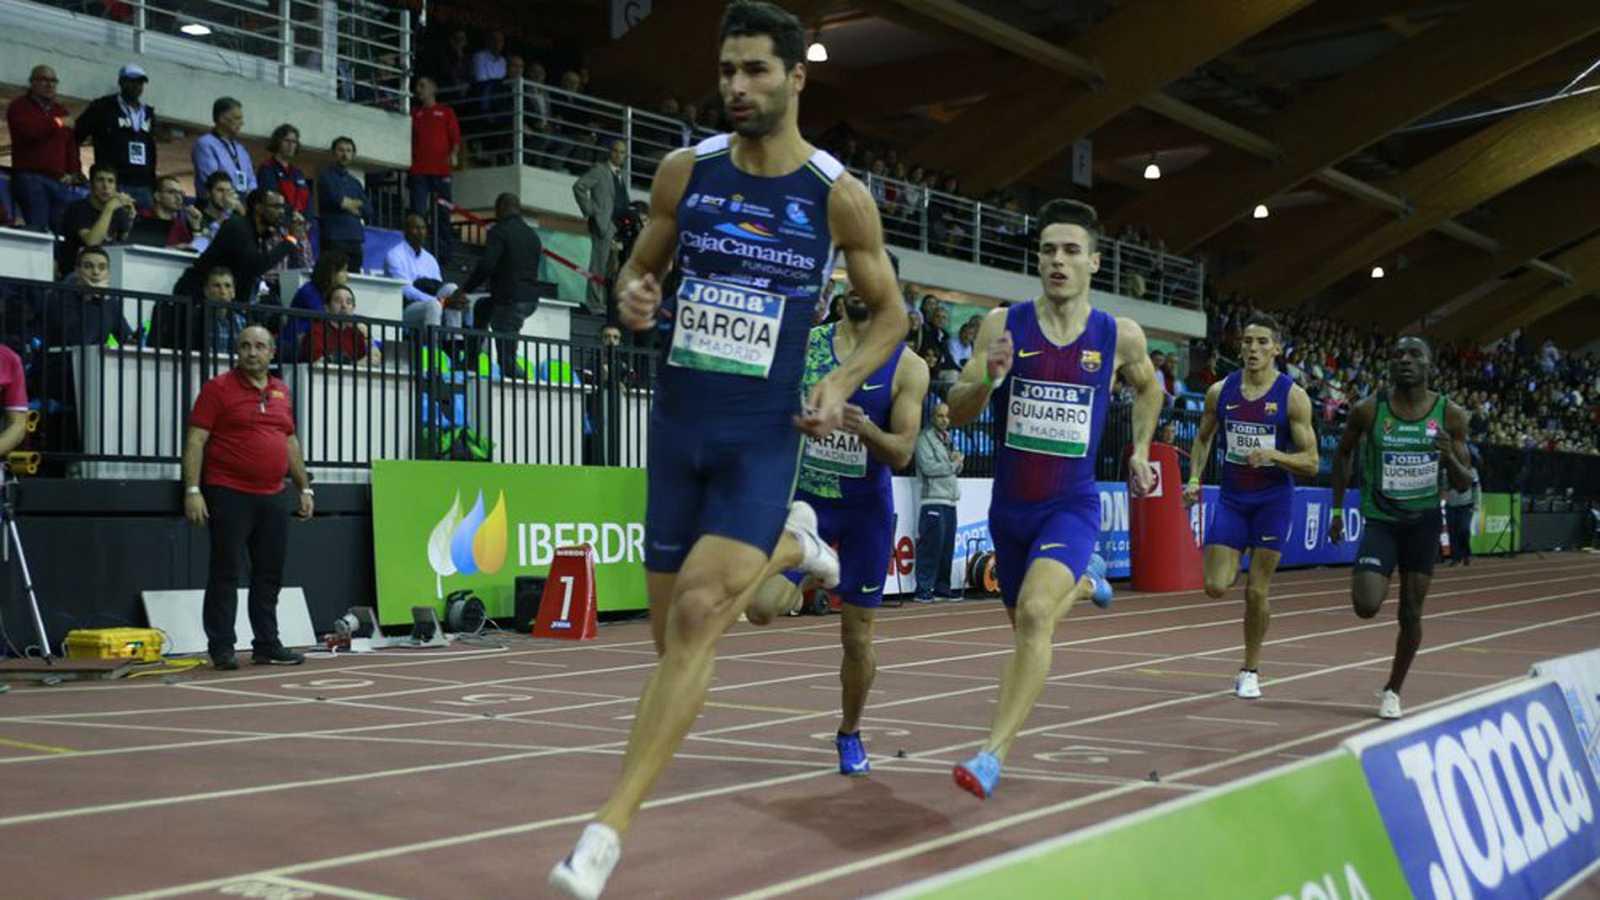 Samuel García vence los 400 metros